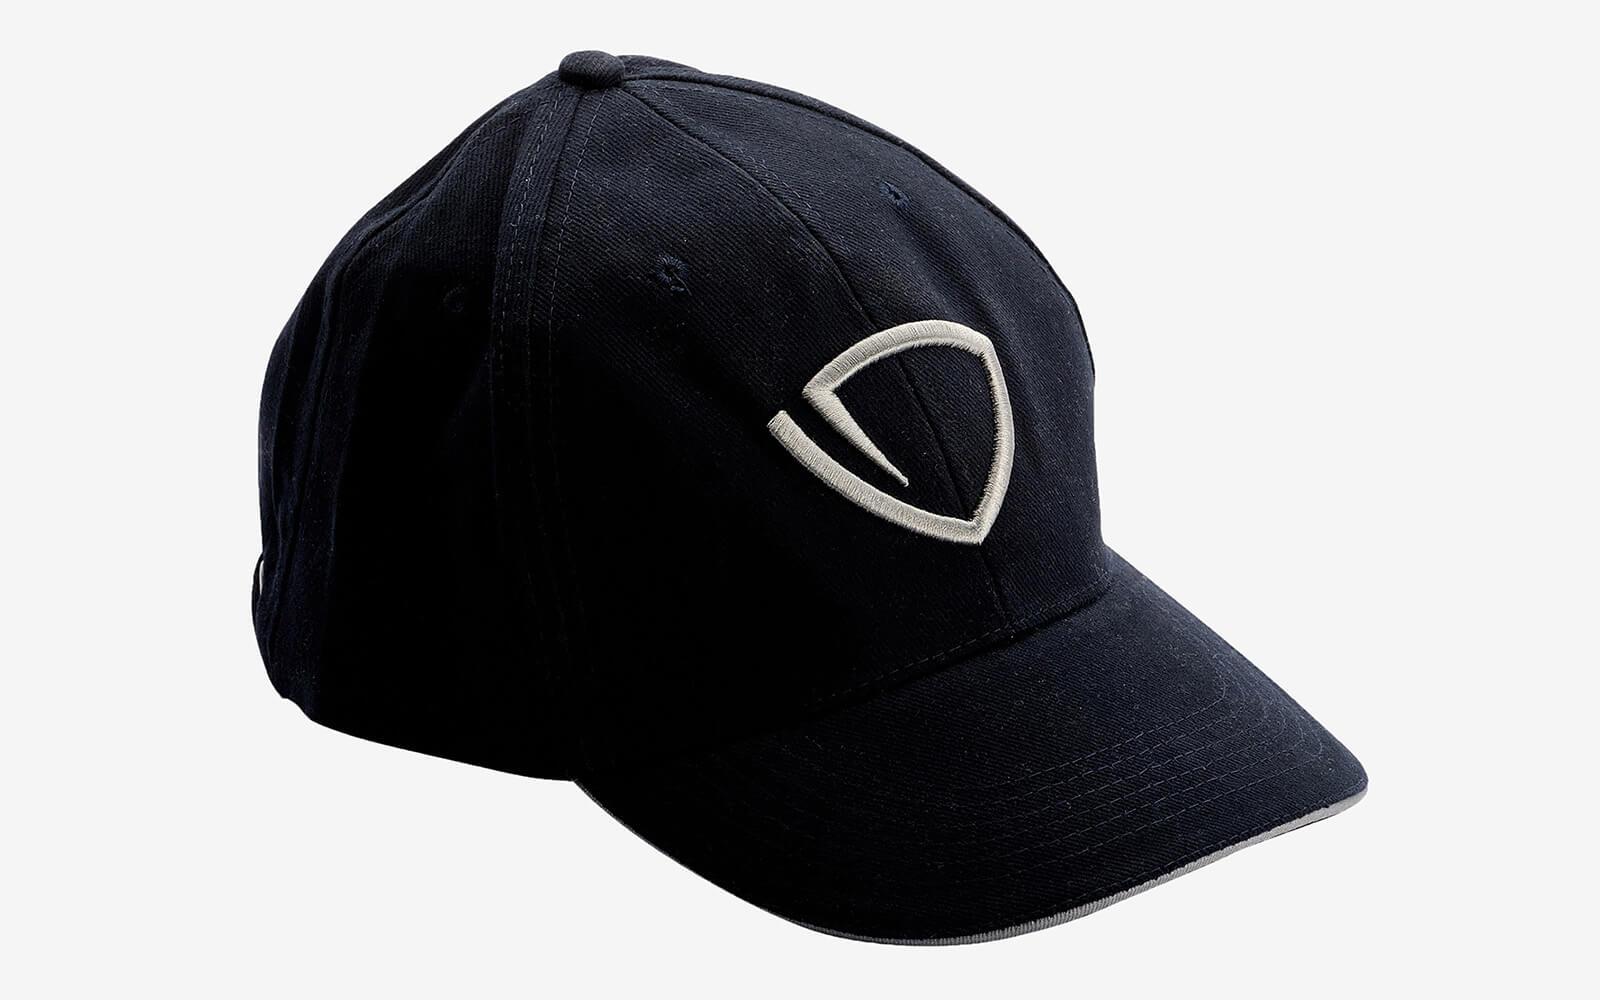 Il cappellino personalizzato Tankoa yacth si presenta in modo elegante e  minimalista seguendo l altissimo livello del marchio stesso. 6337c25070b5